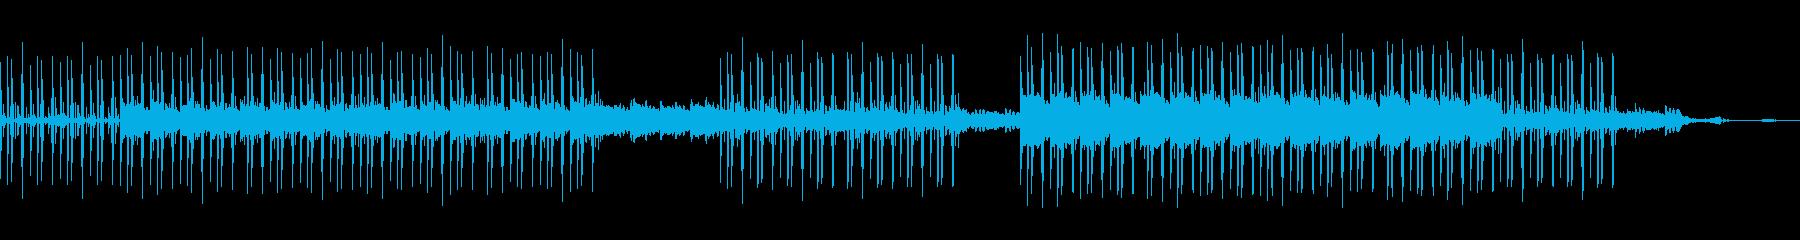 沖縄 海の音とオシャレなLofiビートの再生済みの波形